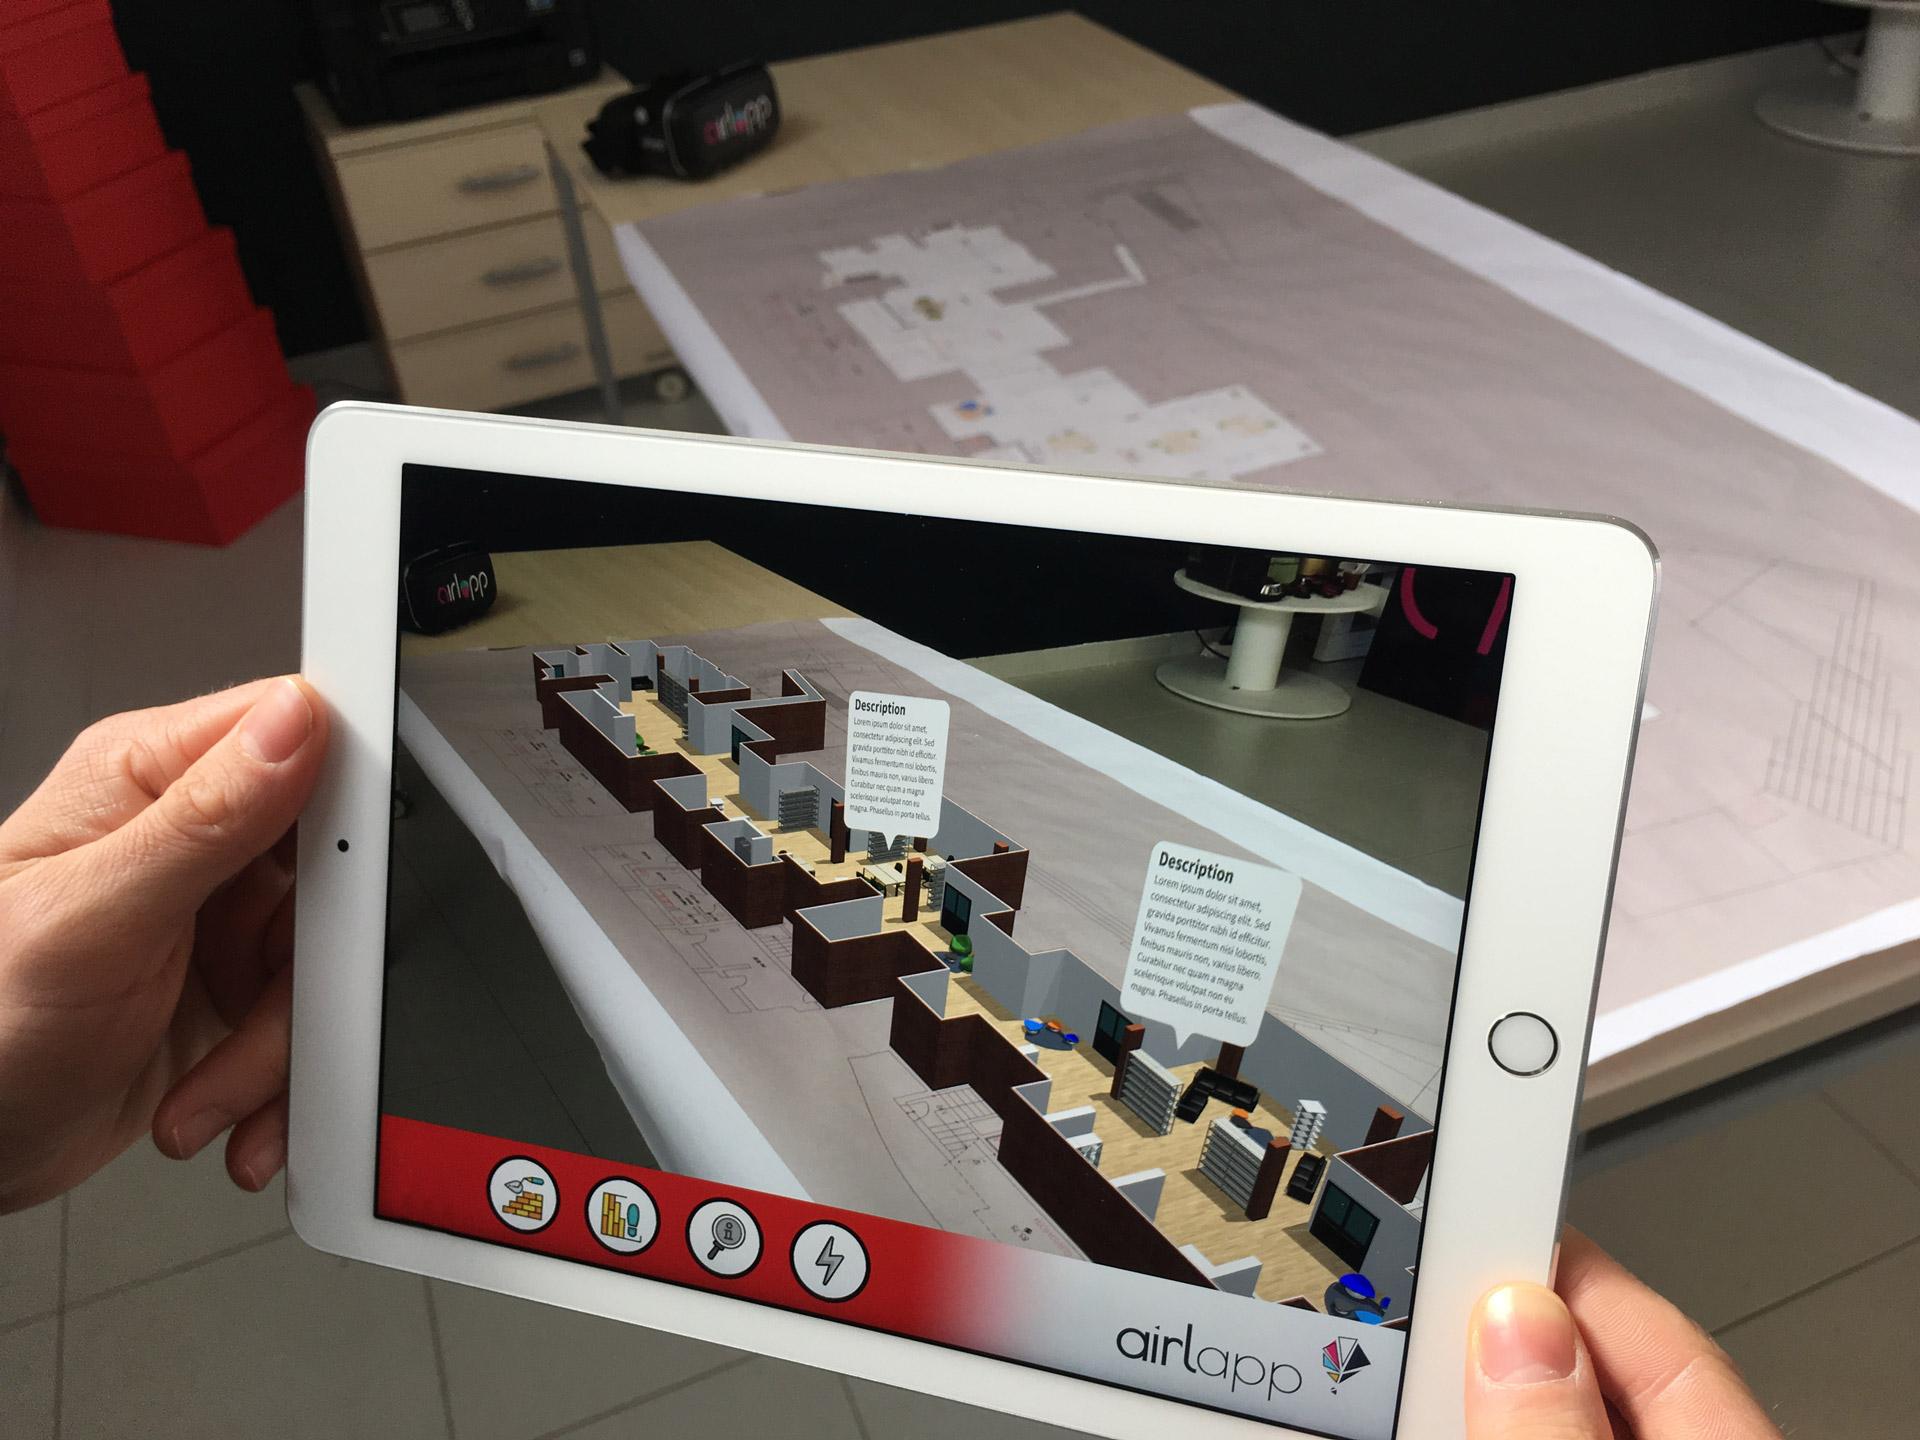 Immagine App Realtà Aumentata AR Extrude nella quale si vede il progetto completo visualizzato in modalità AR